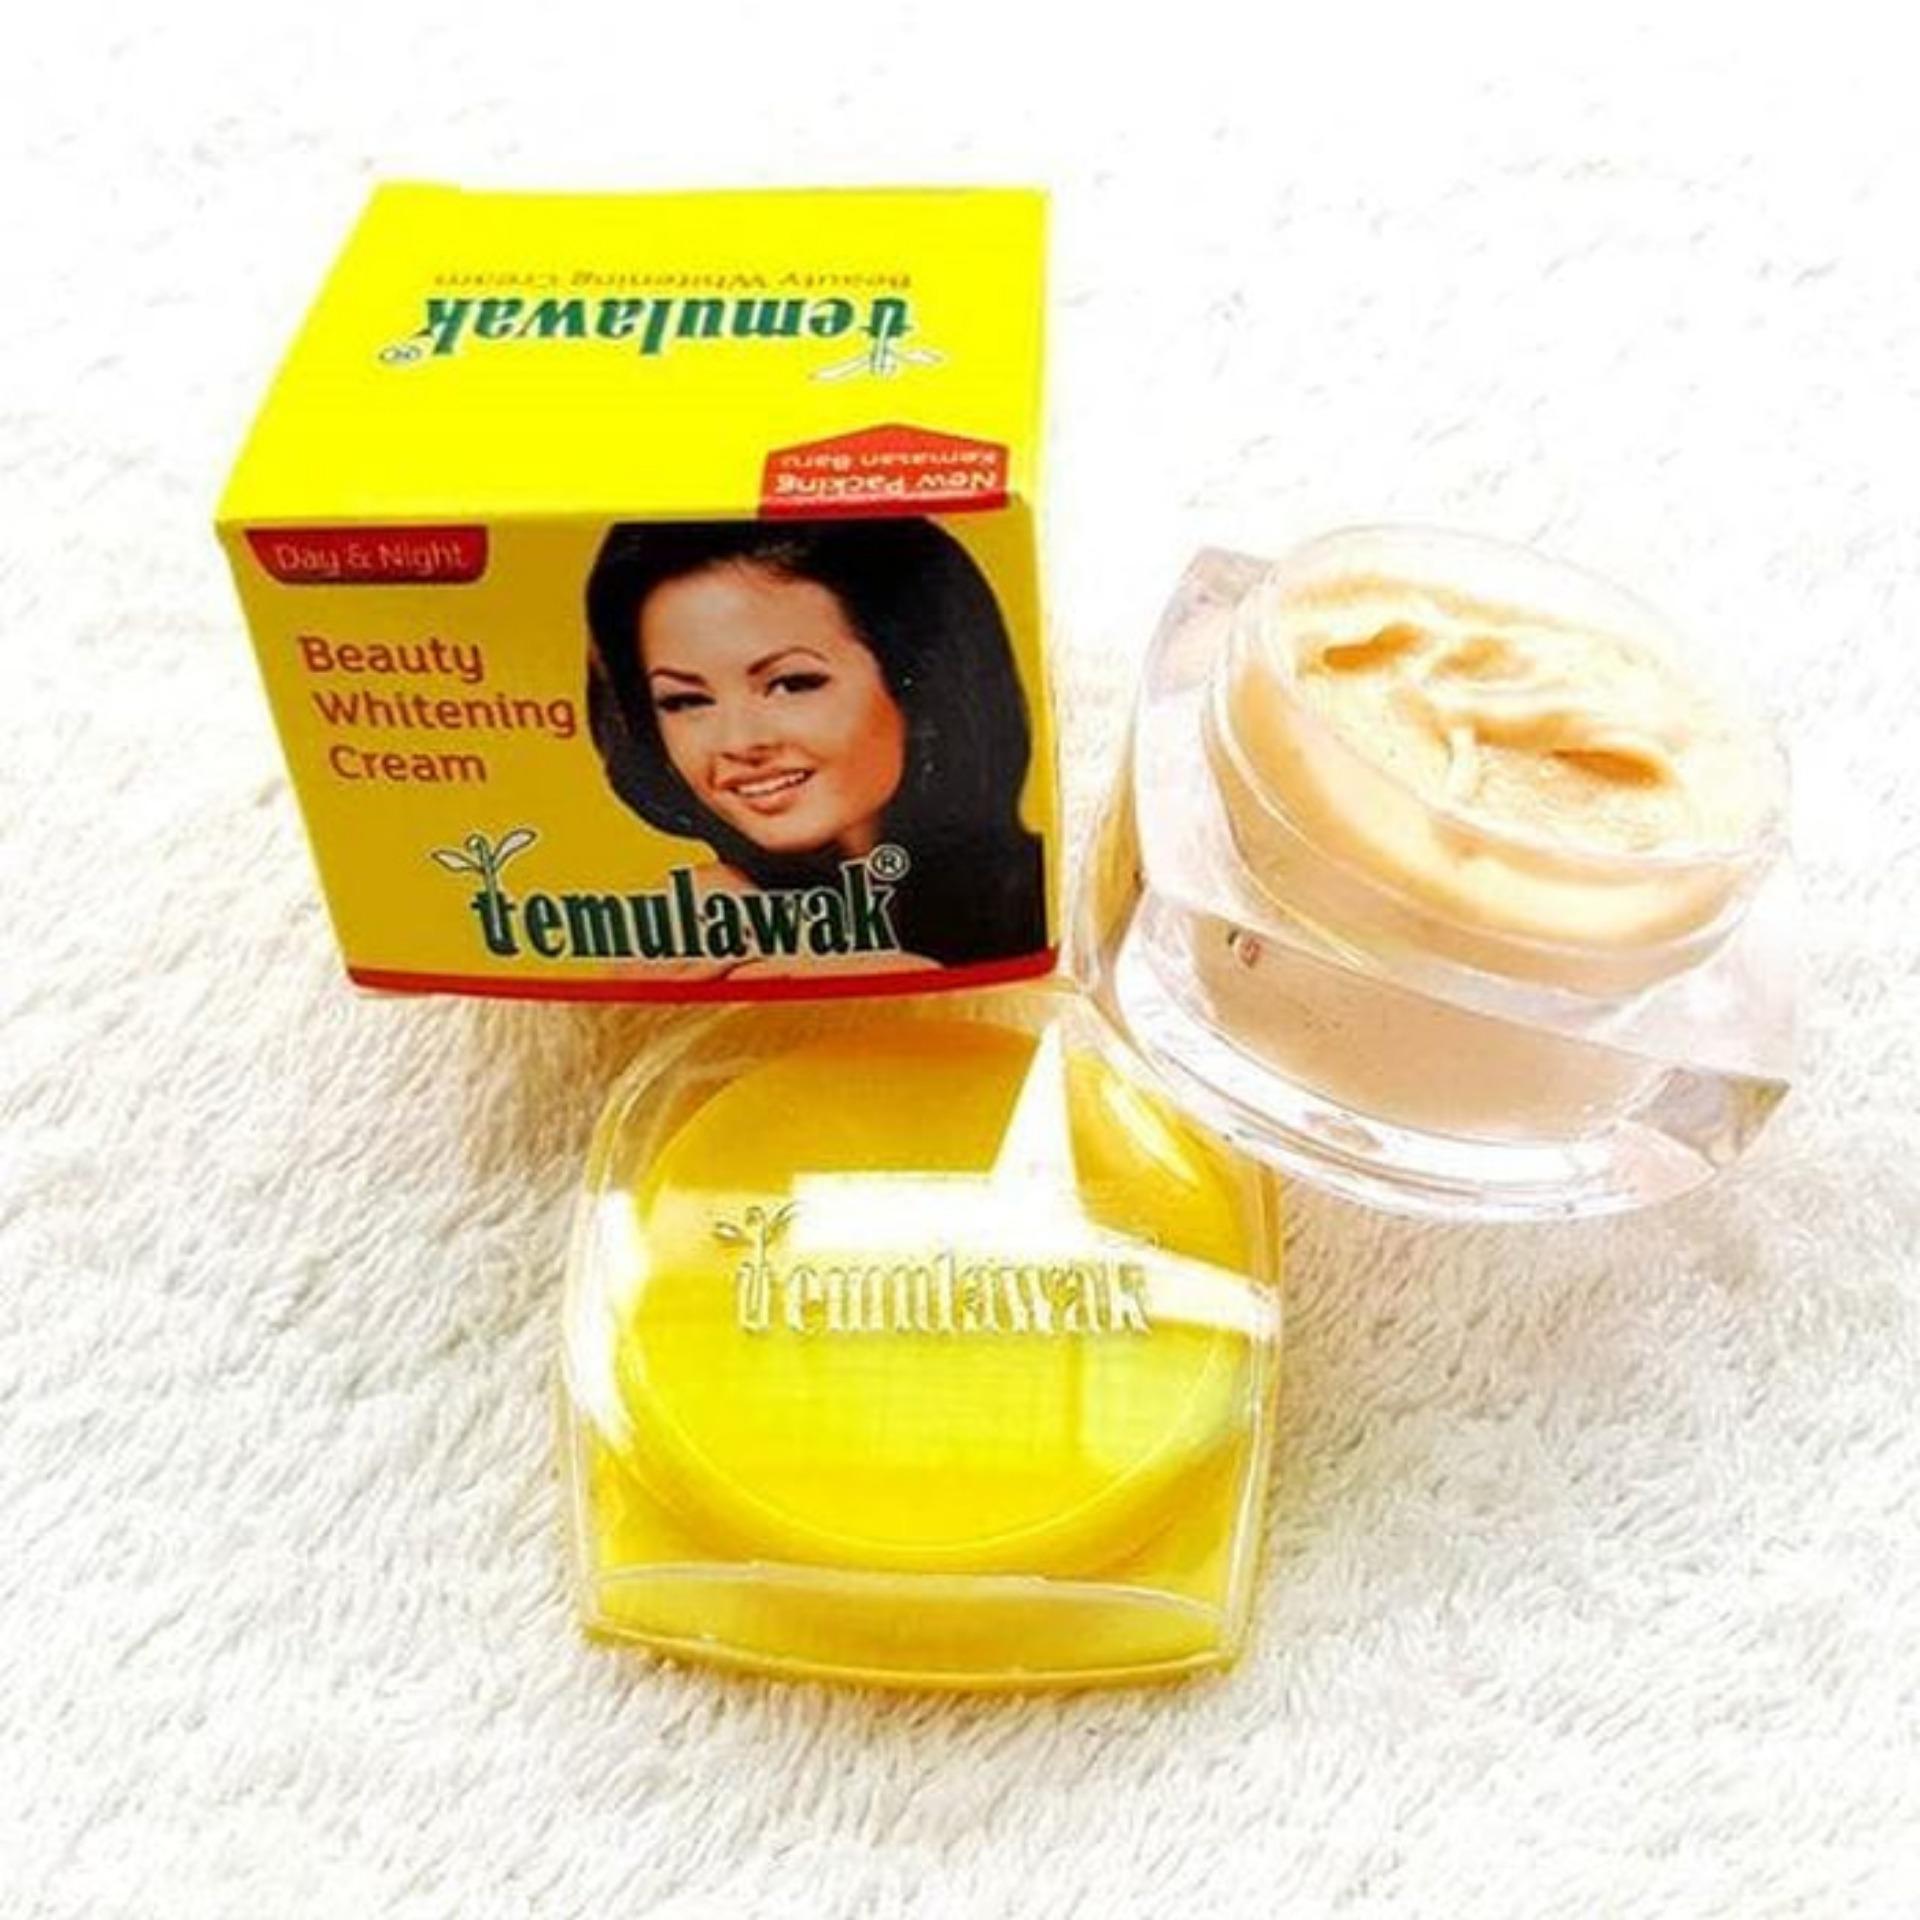 ... HOKI COD - Temulawak Pot Kaca Beauty Whitening Cream - 1 pcs + Gratis Shower Cap ...